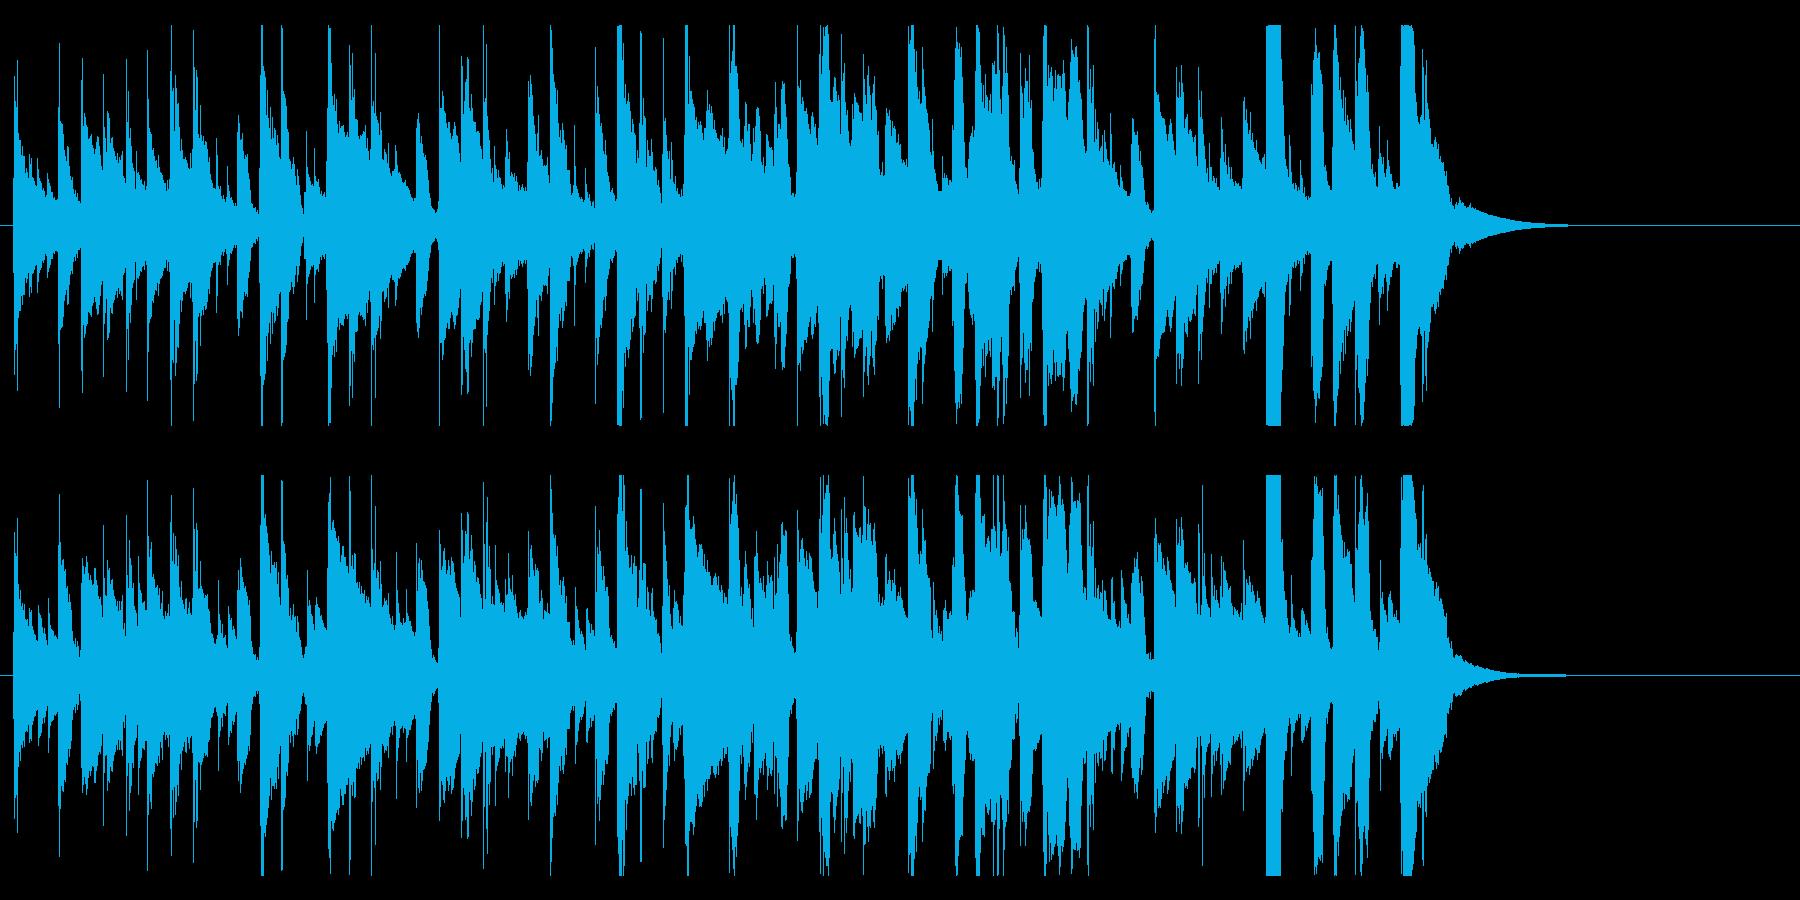 ほのぼのかわいいジングル 口笛で楽しいの再生済みの波形